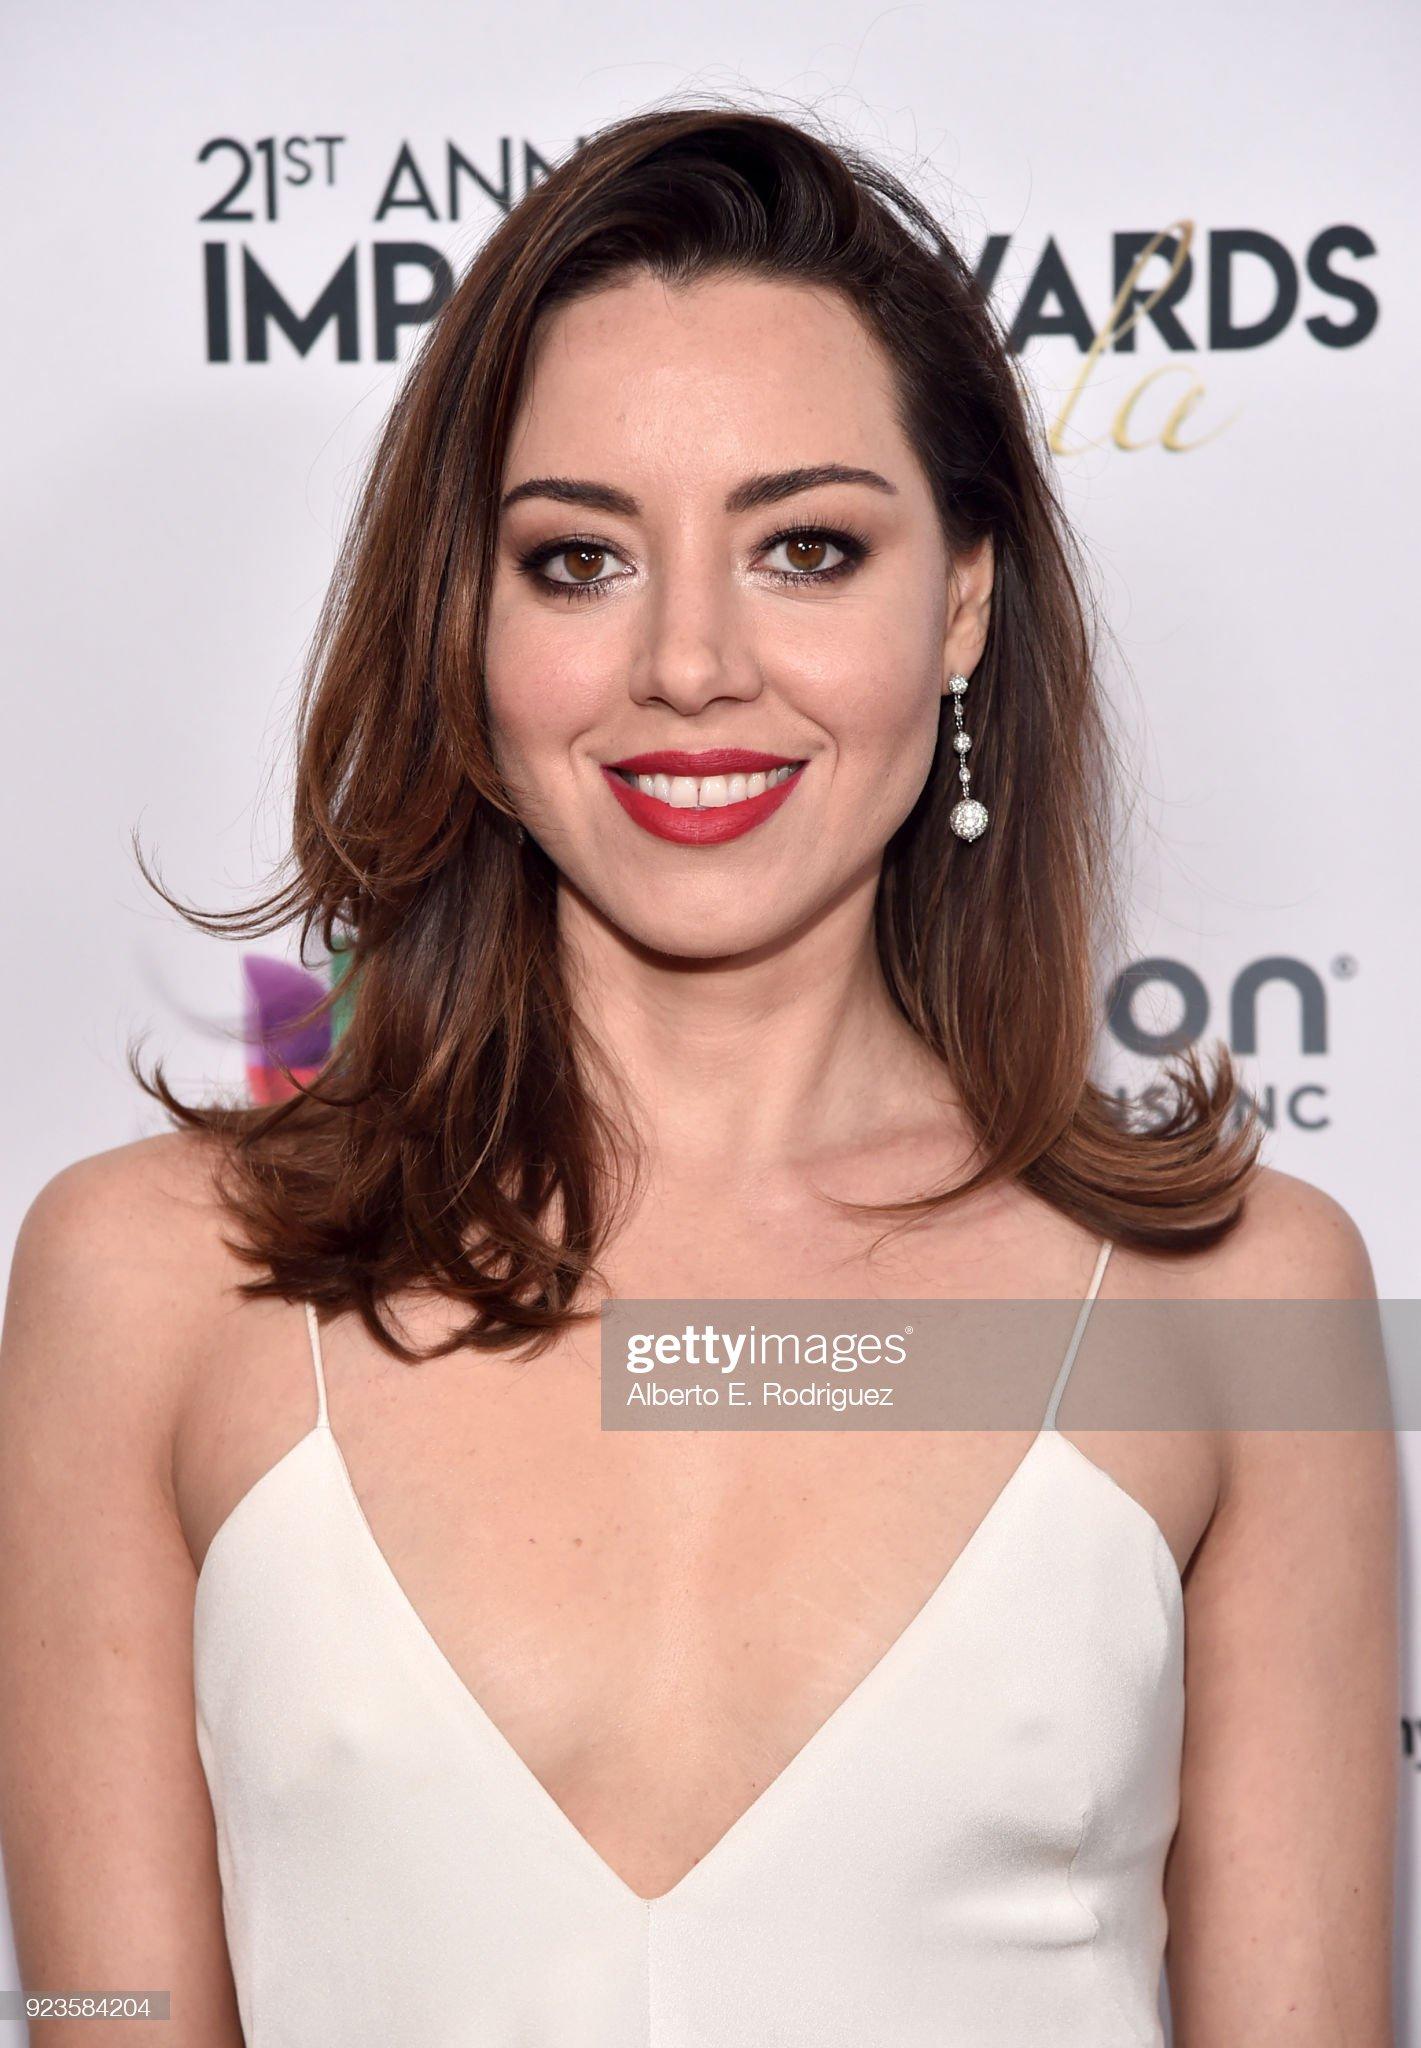 Ojos marrones - Personas famosas con los ojos de color MARRÓN Aubrey-plaza-attends-the-21st-annual-nhmc-impact-awards-gala-at-picture-id923584204?s=2048x2048